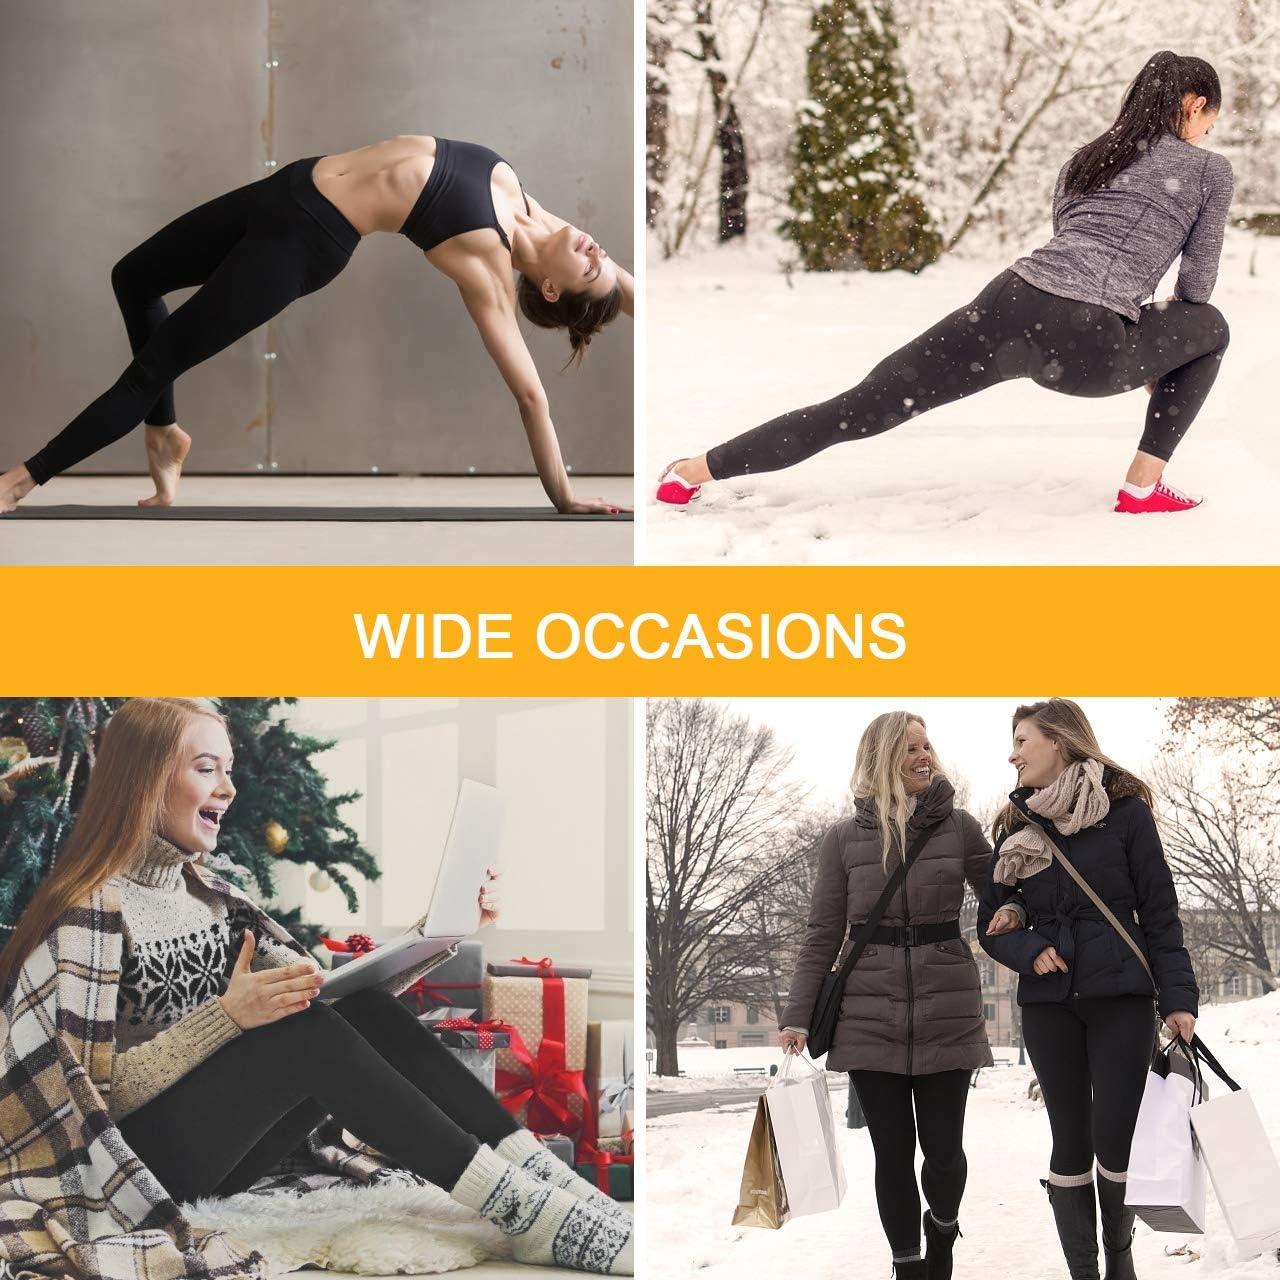 Aiglam Legging Femmes,2 Paires Legging Chaud Femme Pantalons Collants /Élastiques Velours Taille Haute,Thermique Jambi/ères Extensibles pour Fille Noir